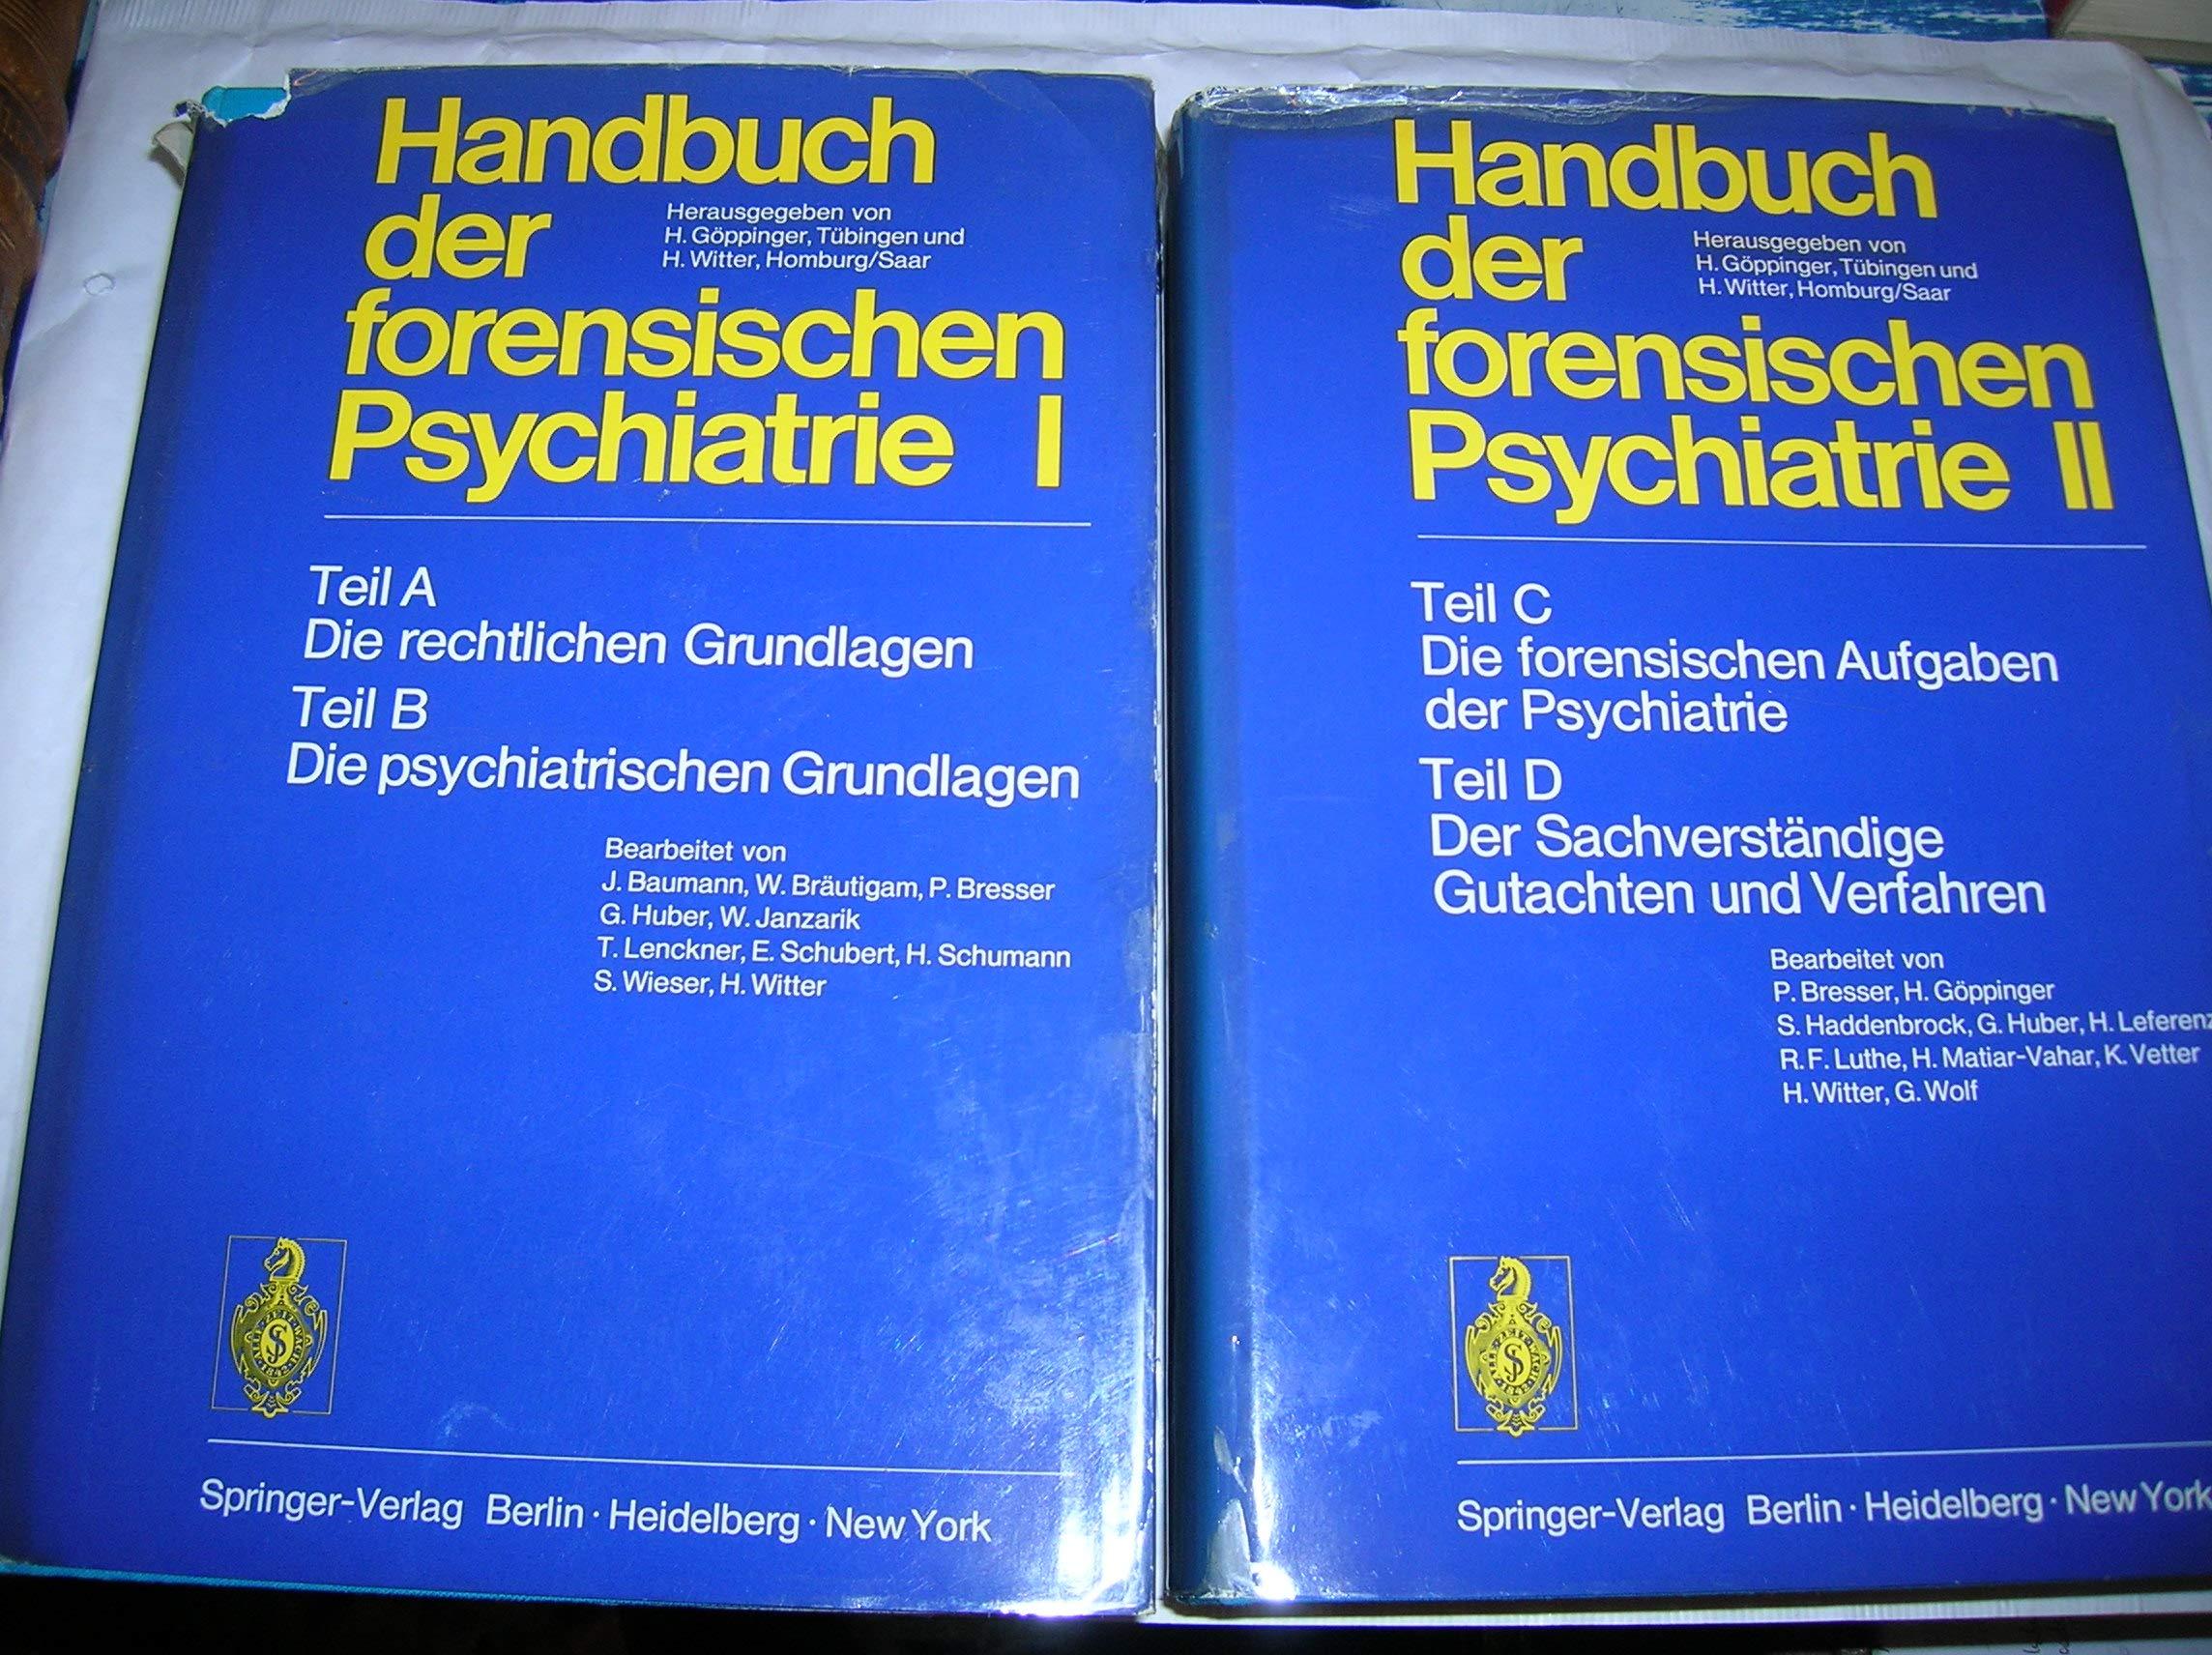 Handbuch Der Forensischen Psychiatrie  Band 1 Teil A  Die Rechtlichen Grundlagen; Teil B  Die Psychiatrischen Grundlagen. Band 2 Teil C  Die ... Der Sachverständige  Gutachten Und Verfahren